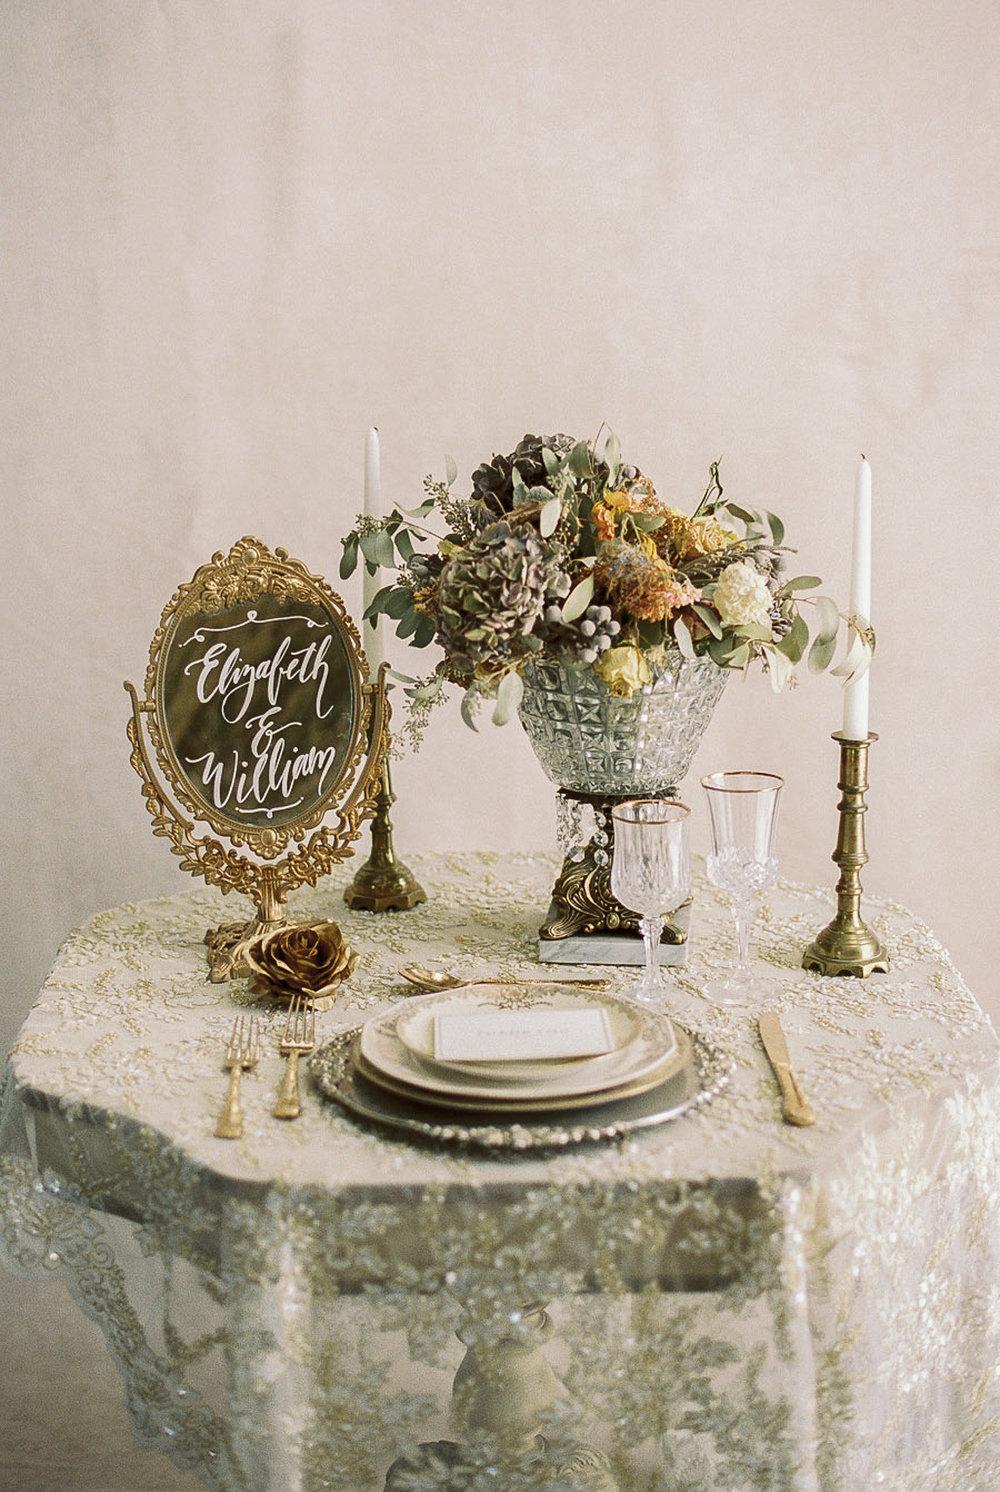 Lara_Lam_Vintage_Heirloom_wedding_photographer_Etablir_shop_vintage_rental16.jpg